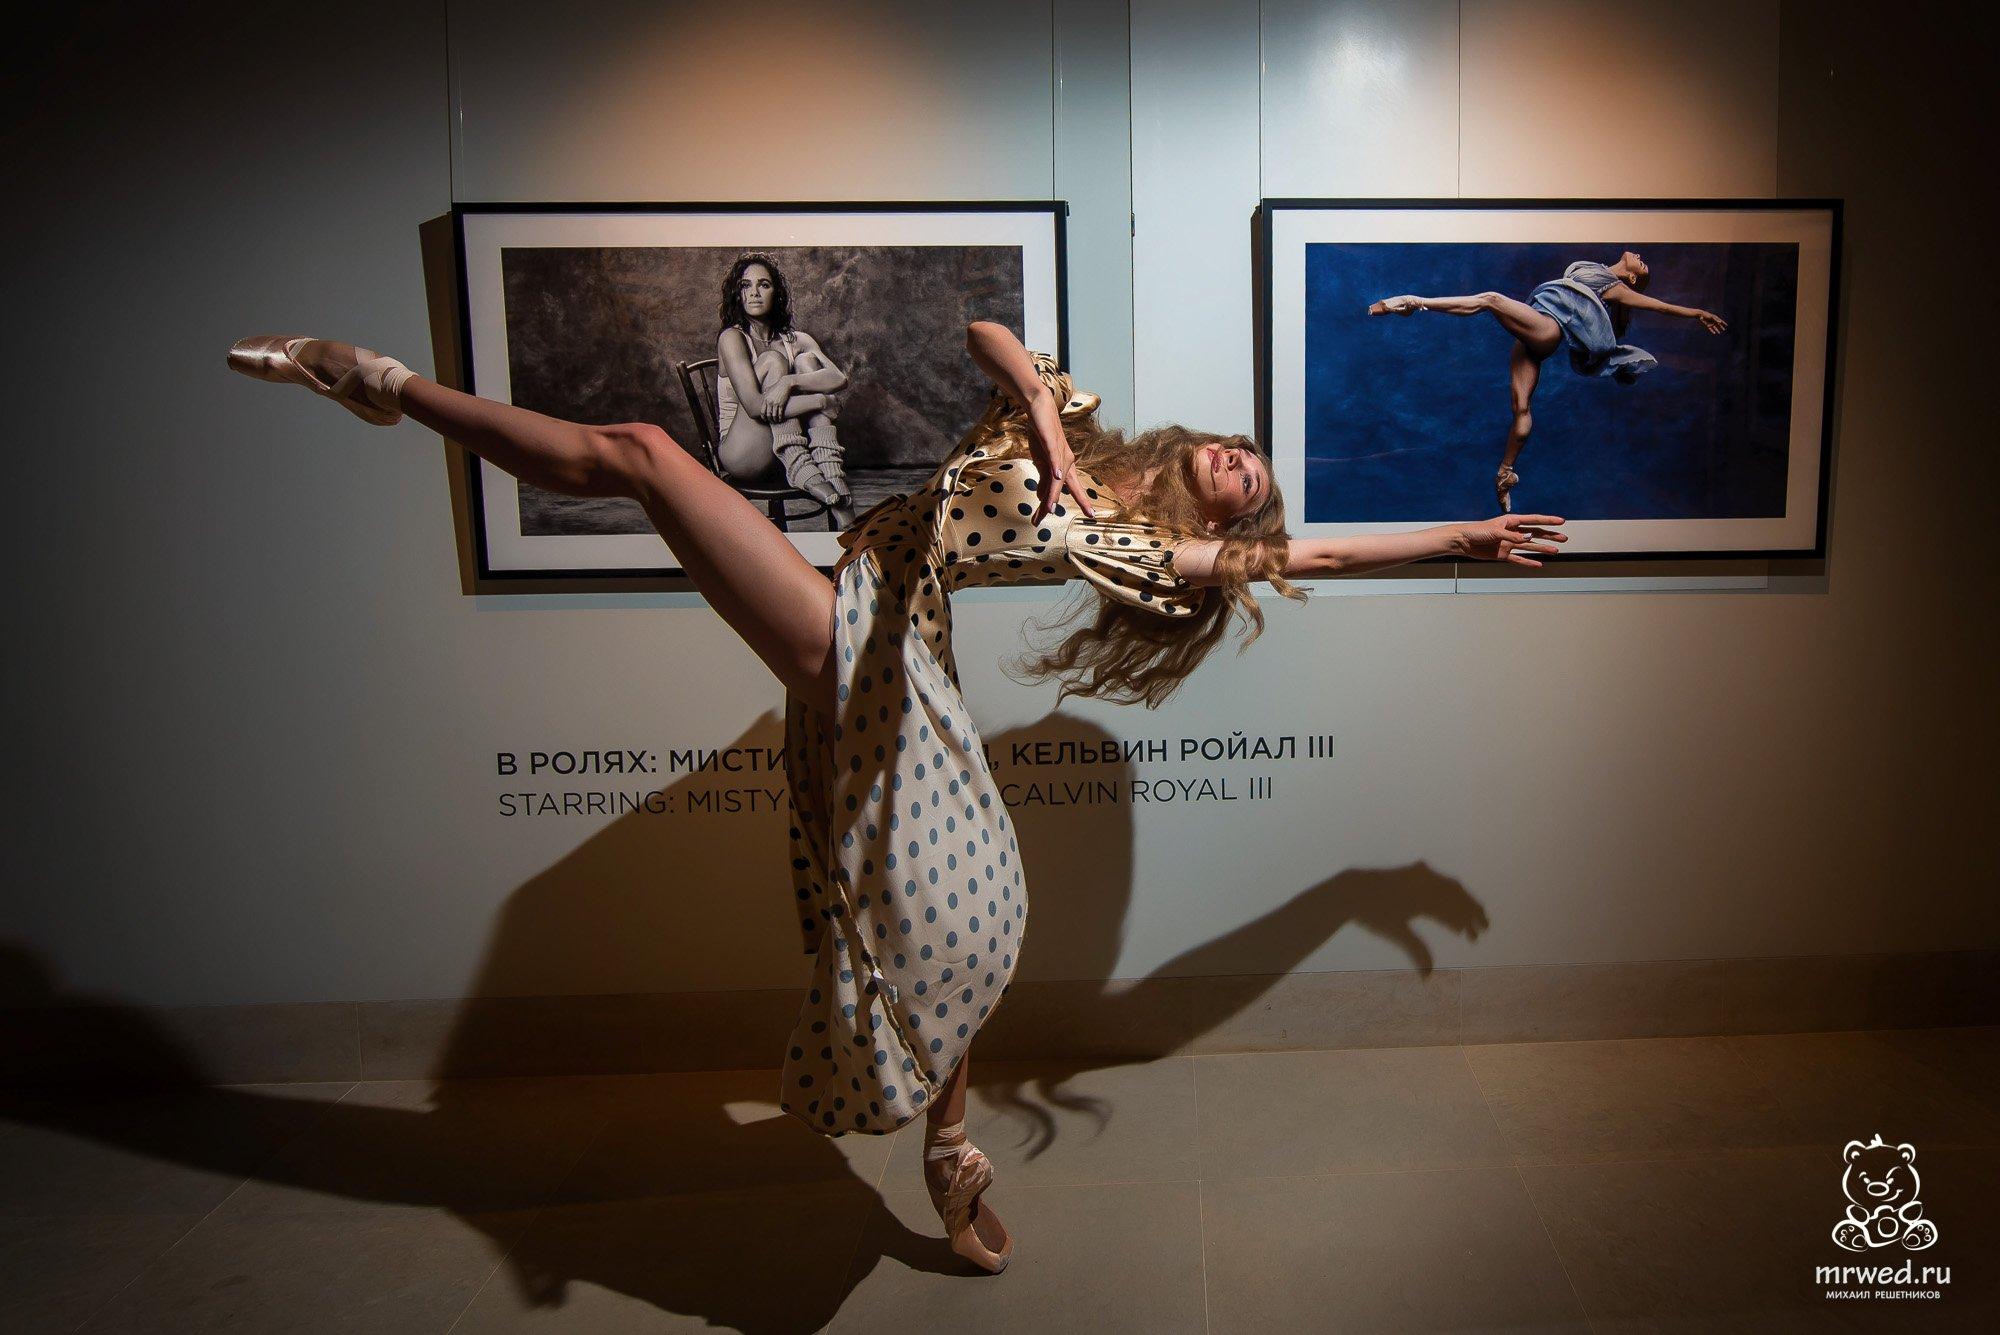 балерина, выставка, Новосибирск, Михаил Решетников, Решетников Михаил